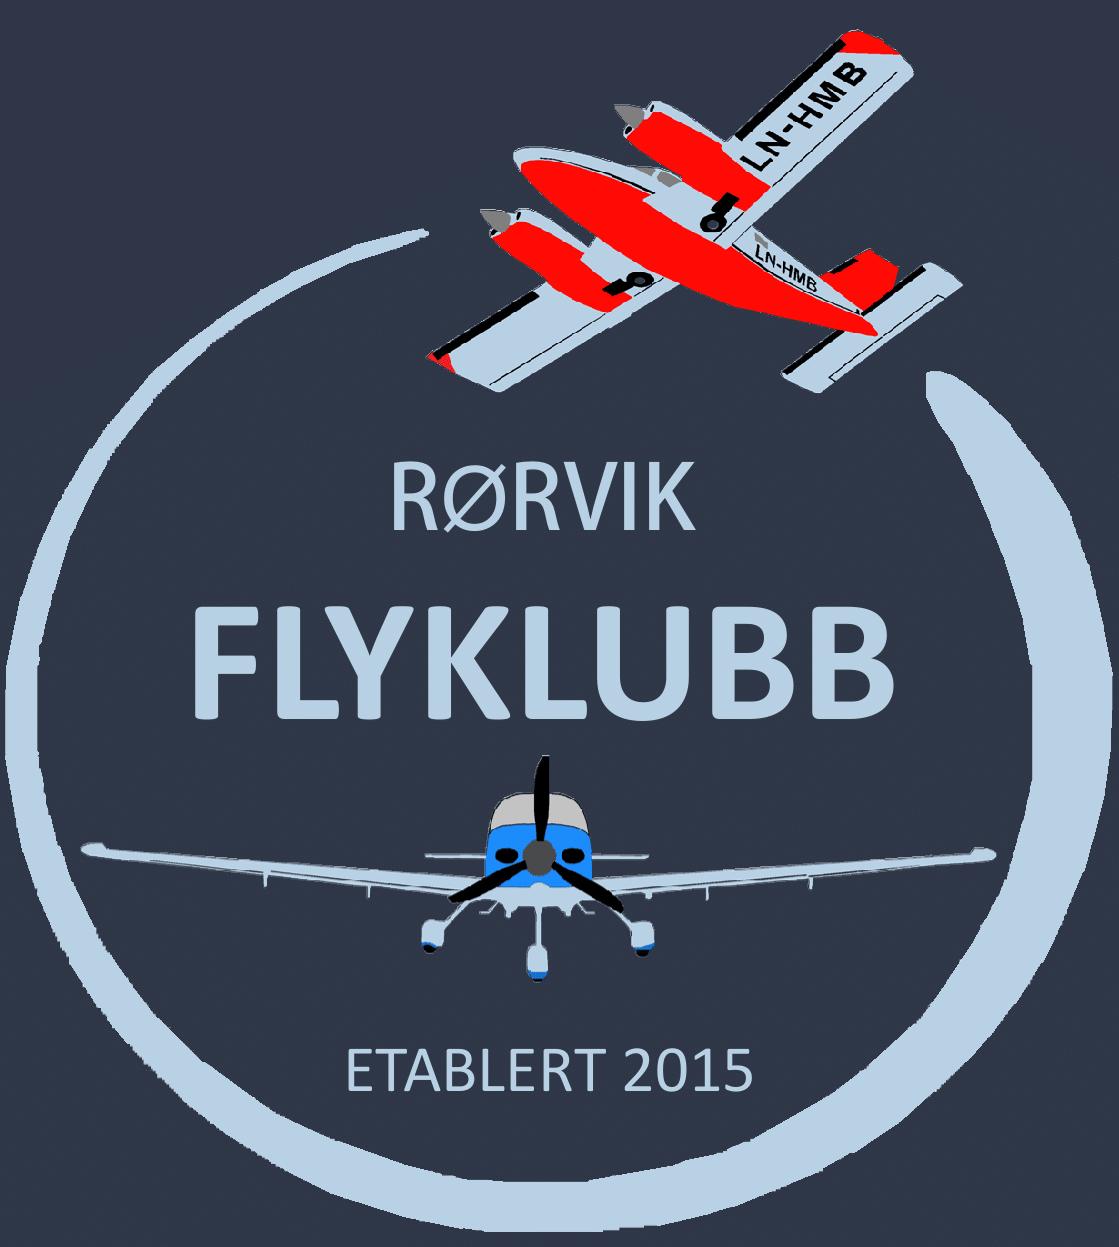 Rørvik Flyklubb